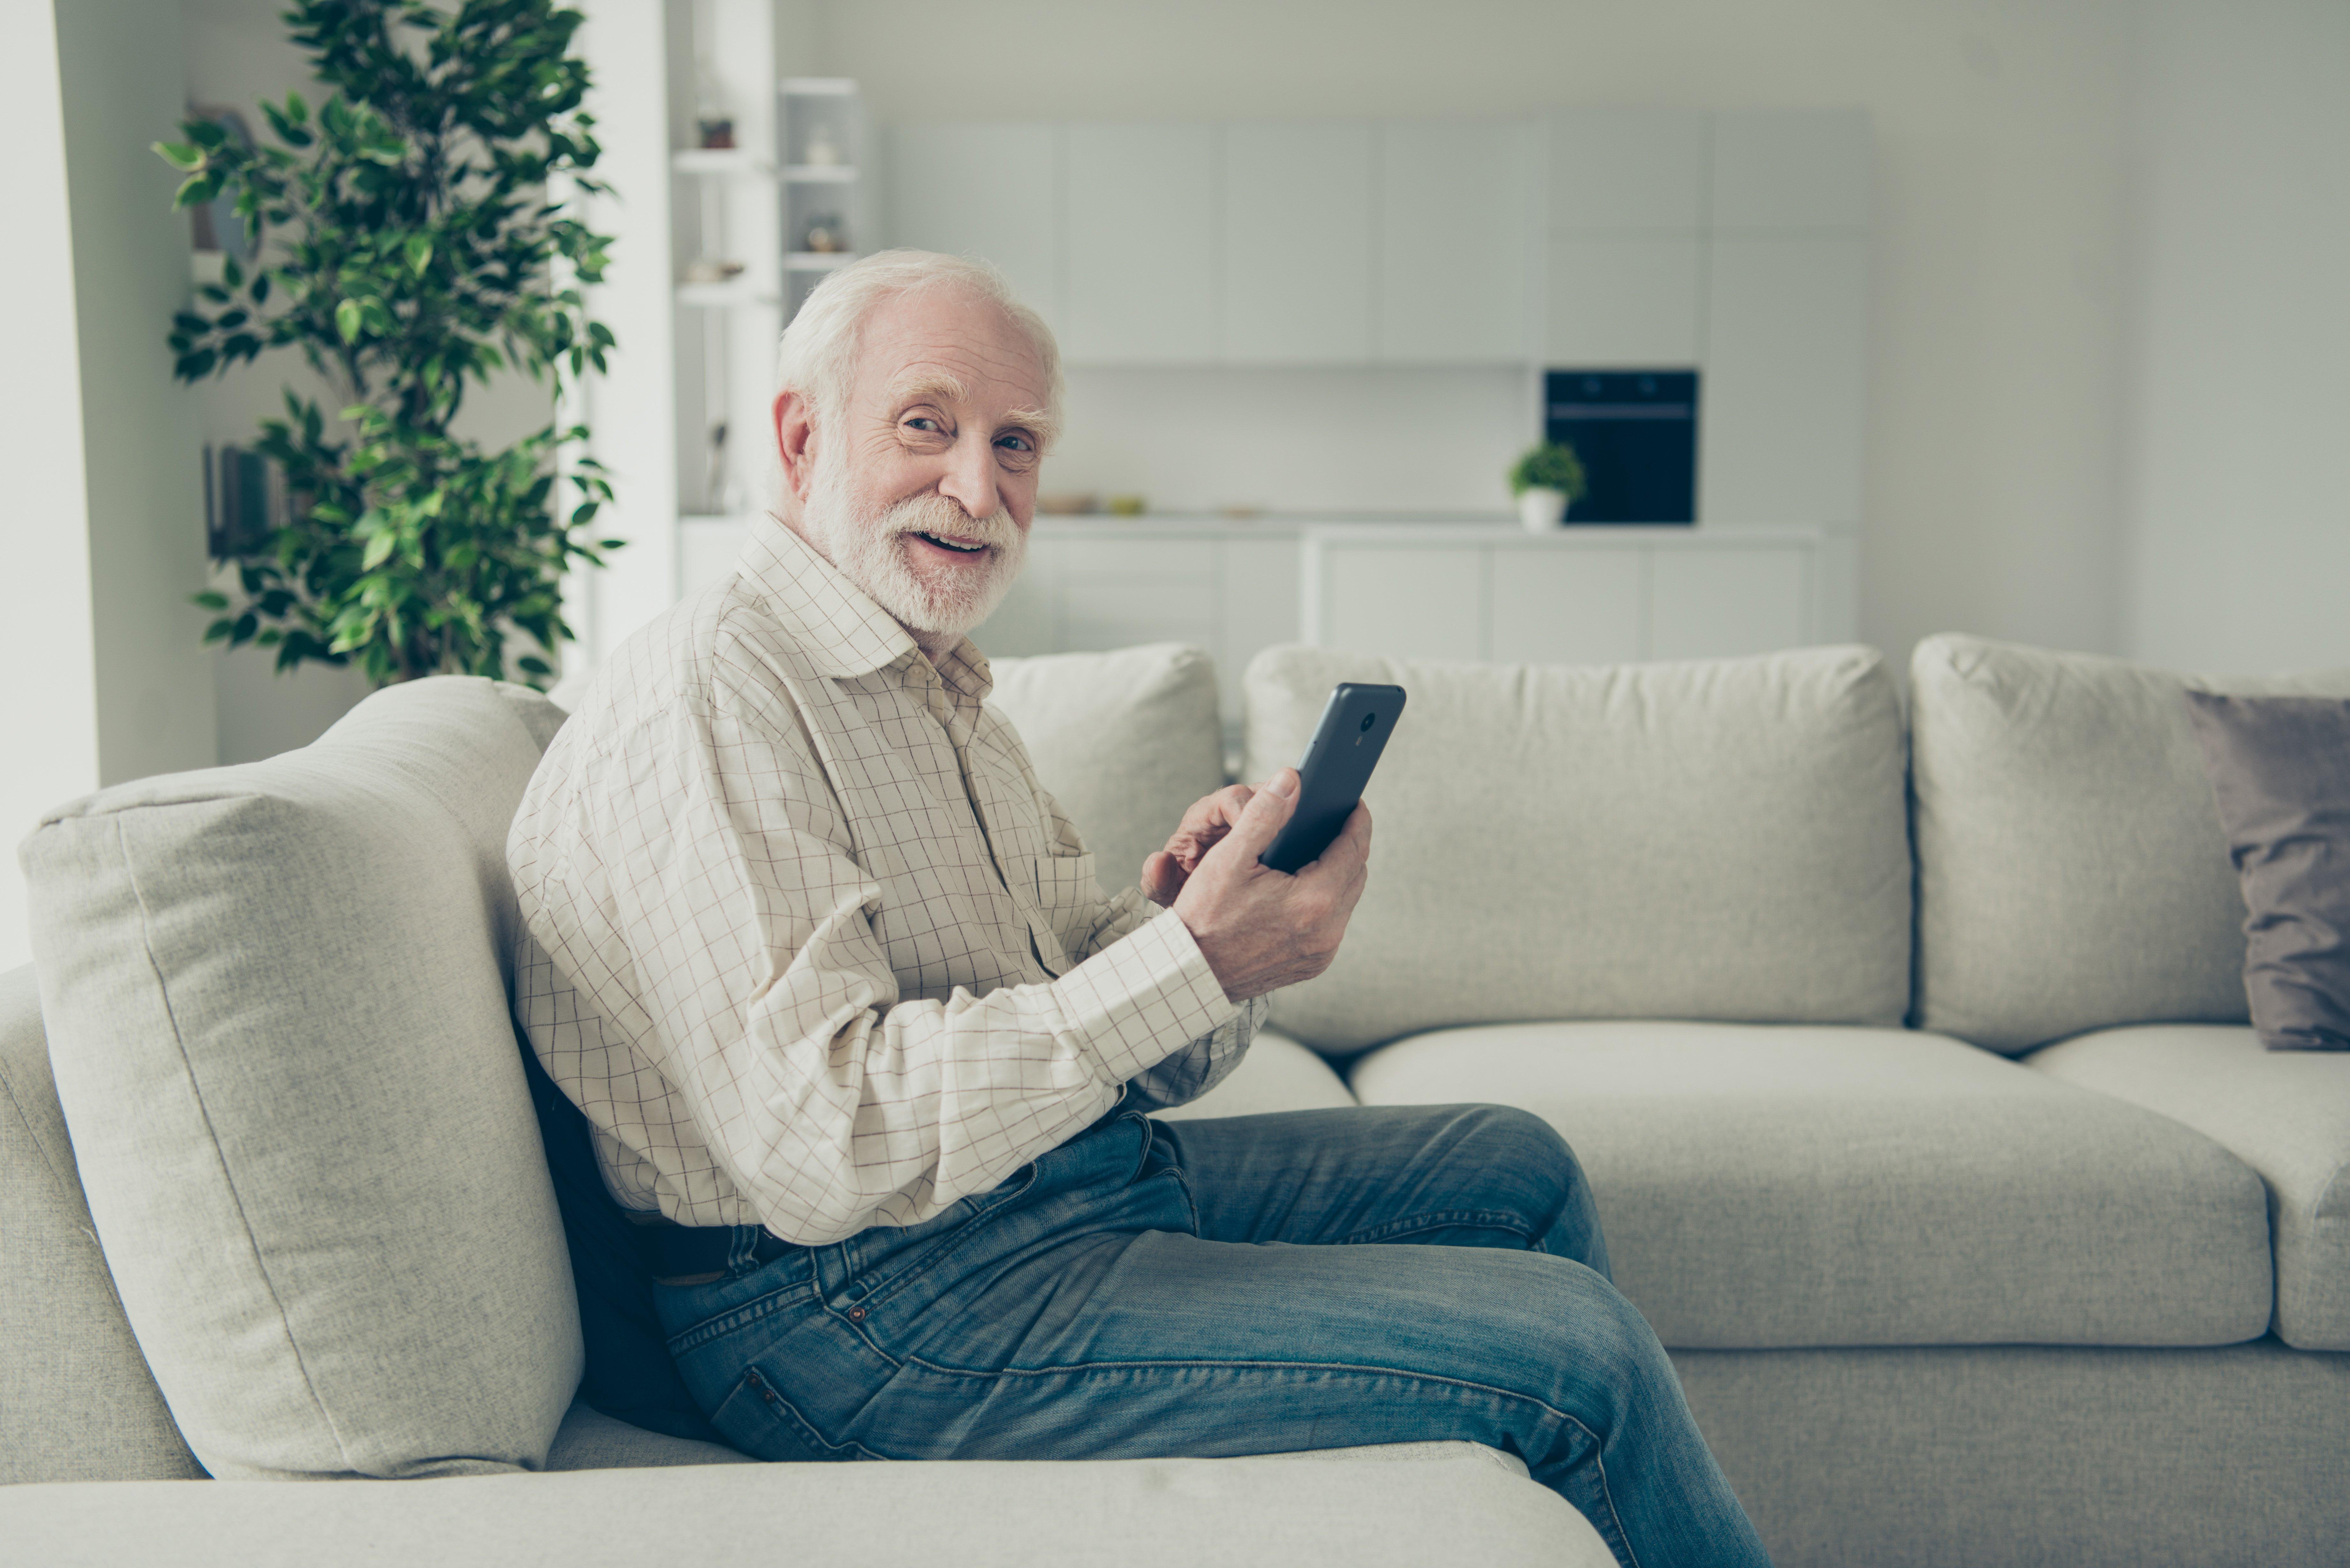 Consigli Per La Casa 5 consigli per una casa automatica, smart e connessa